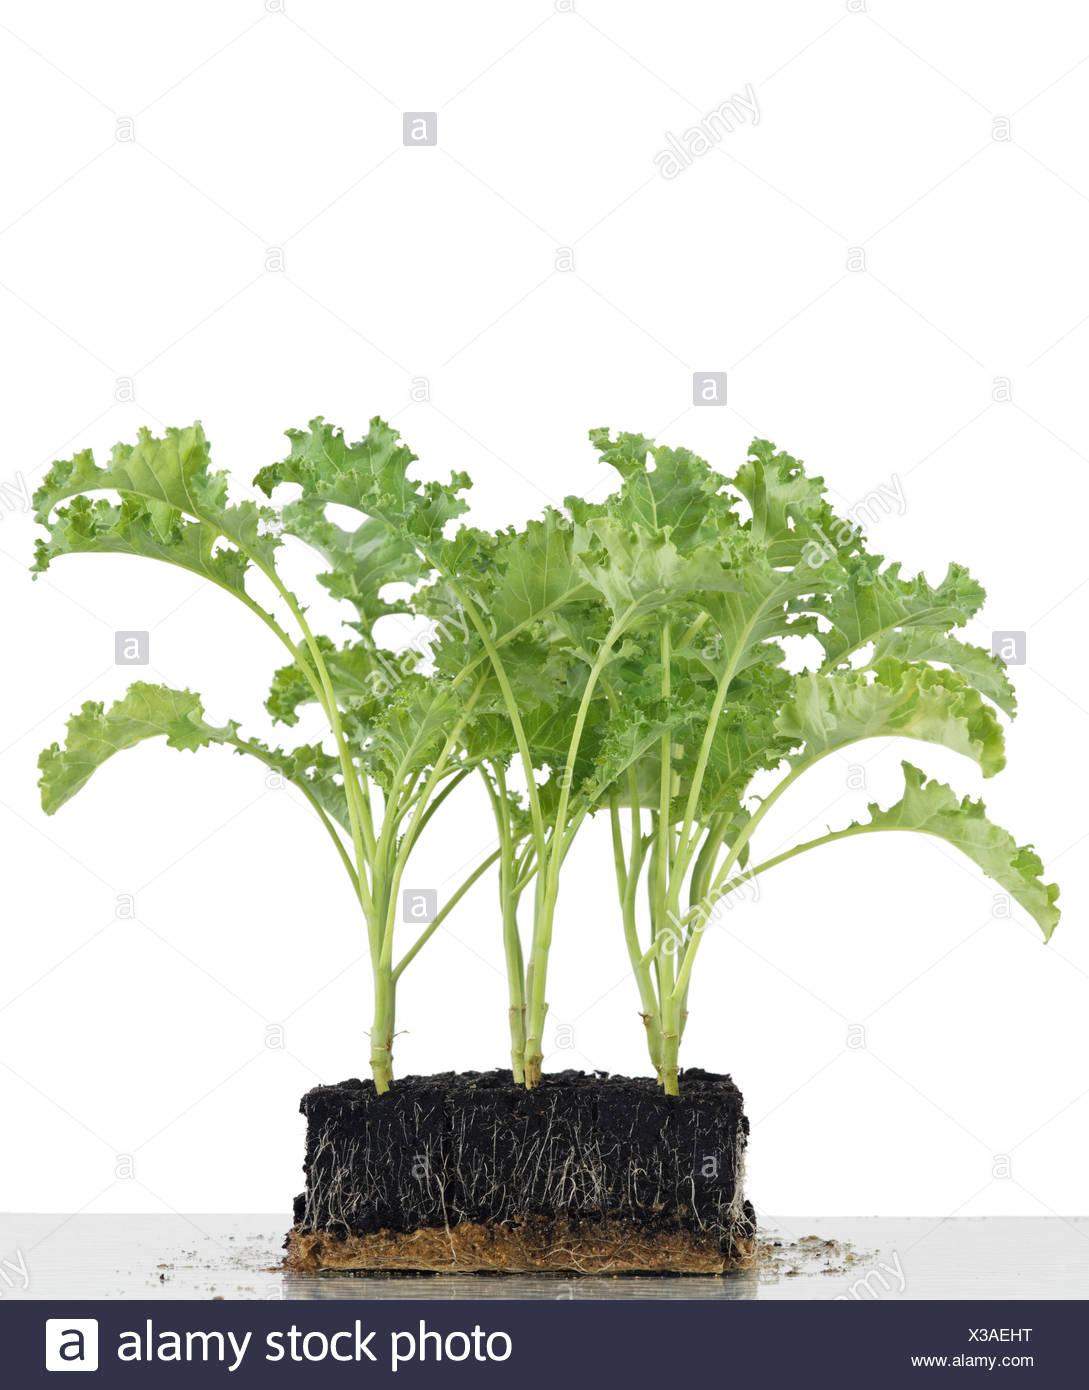 Freigestellte Setzlinge in Anzucht würfeln aus Erde, Gemüse Grünkohl. - Stock Image